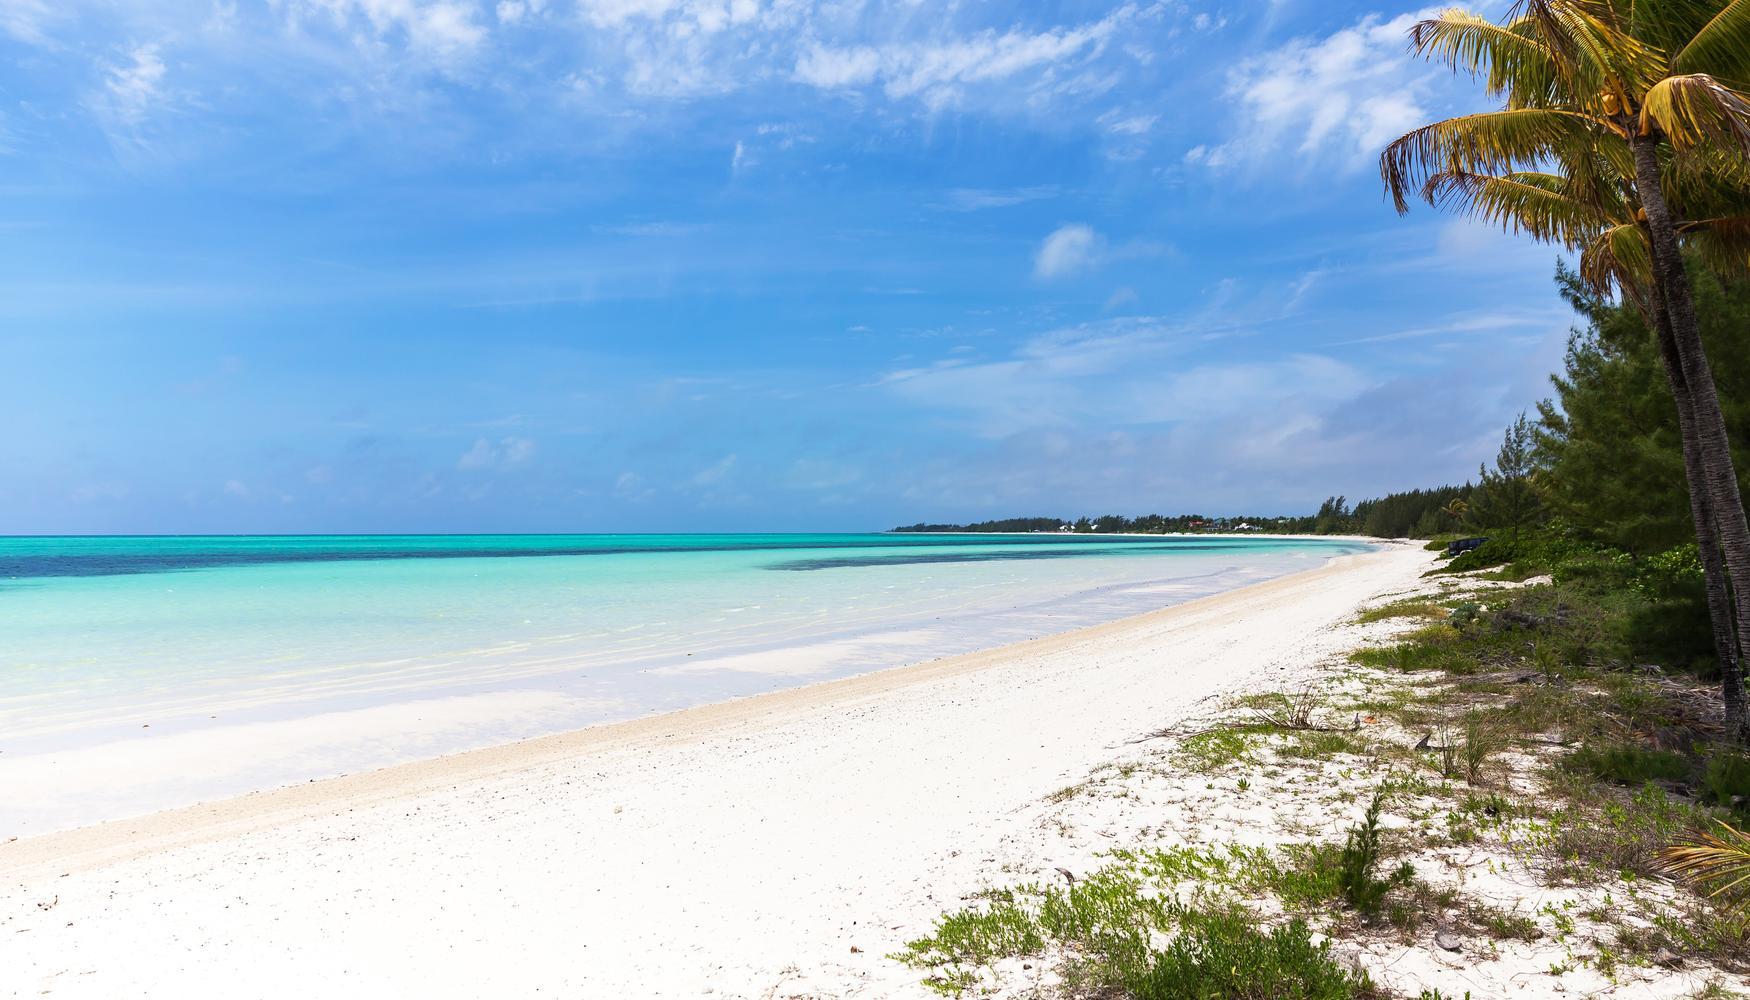 Aluguel de carros em Bahamas